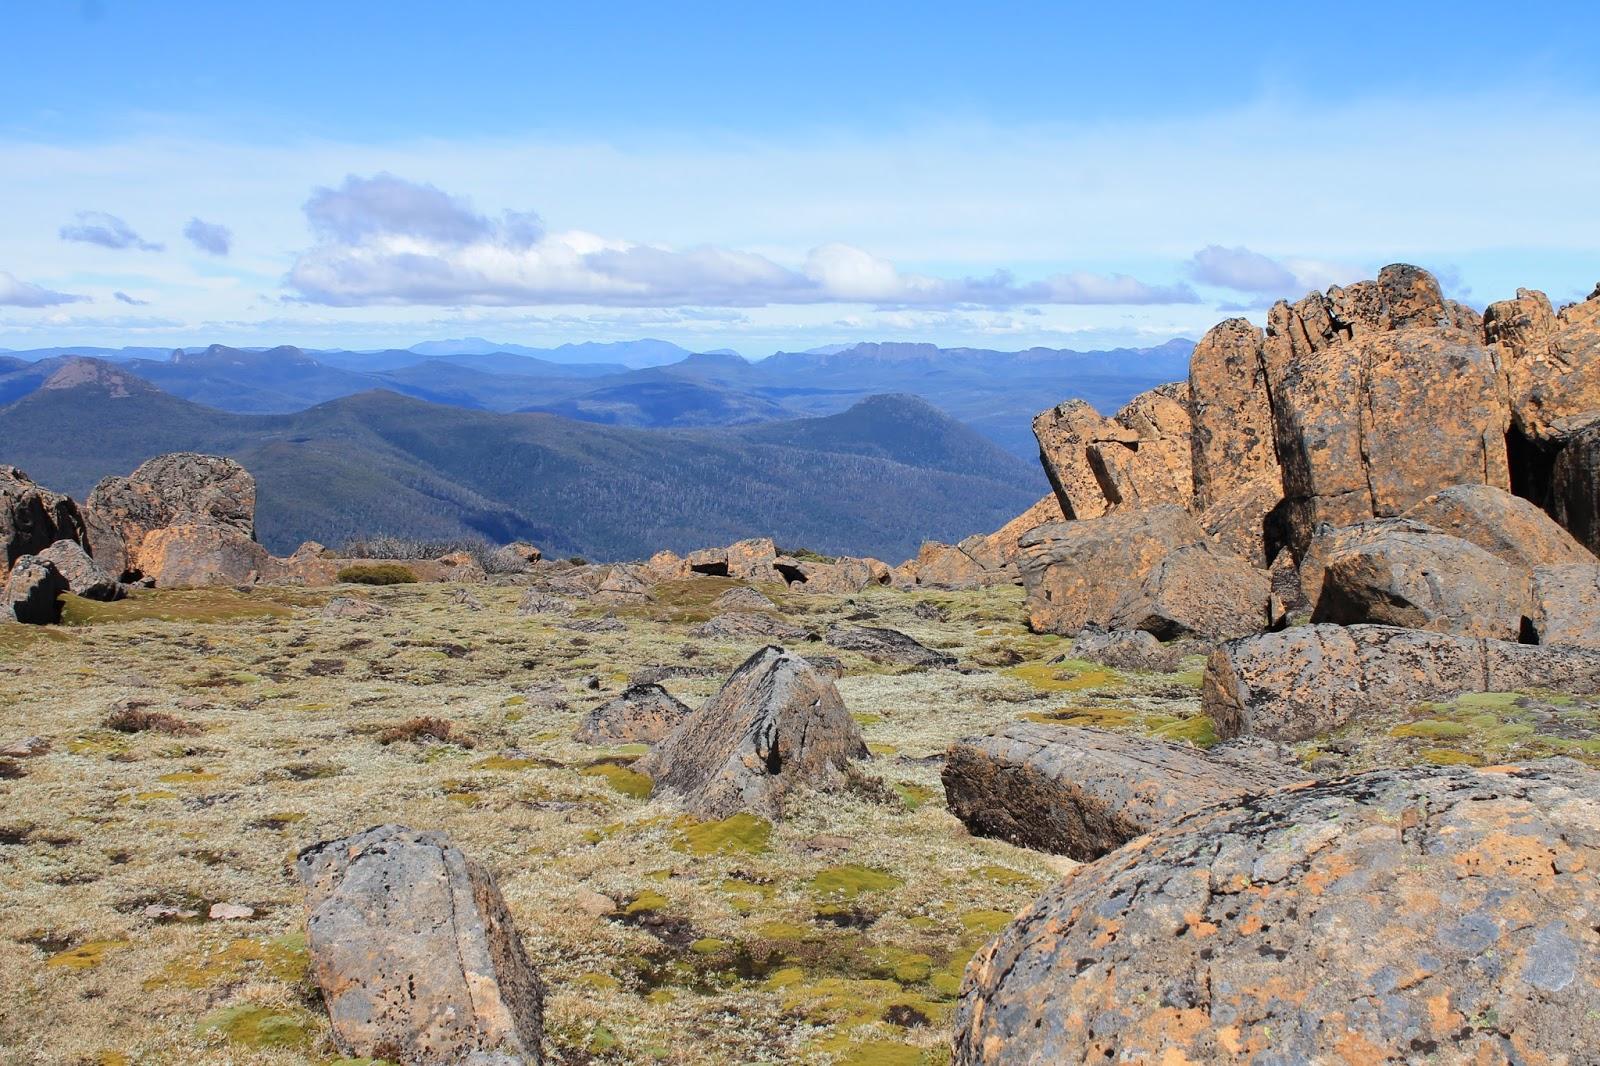 höchster berg ozeanien